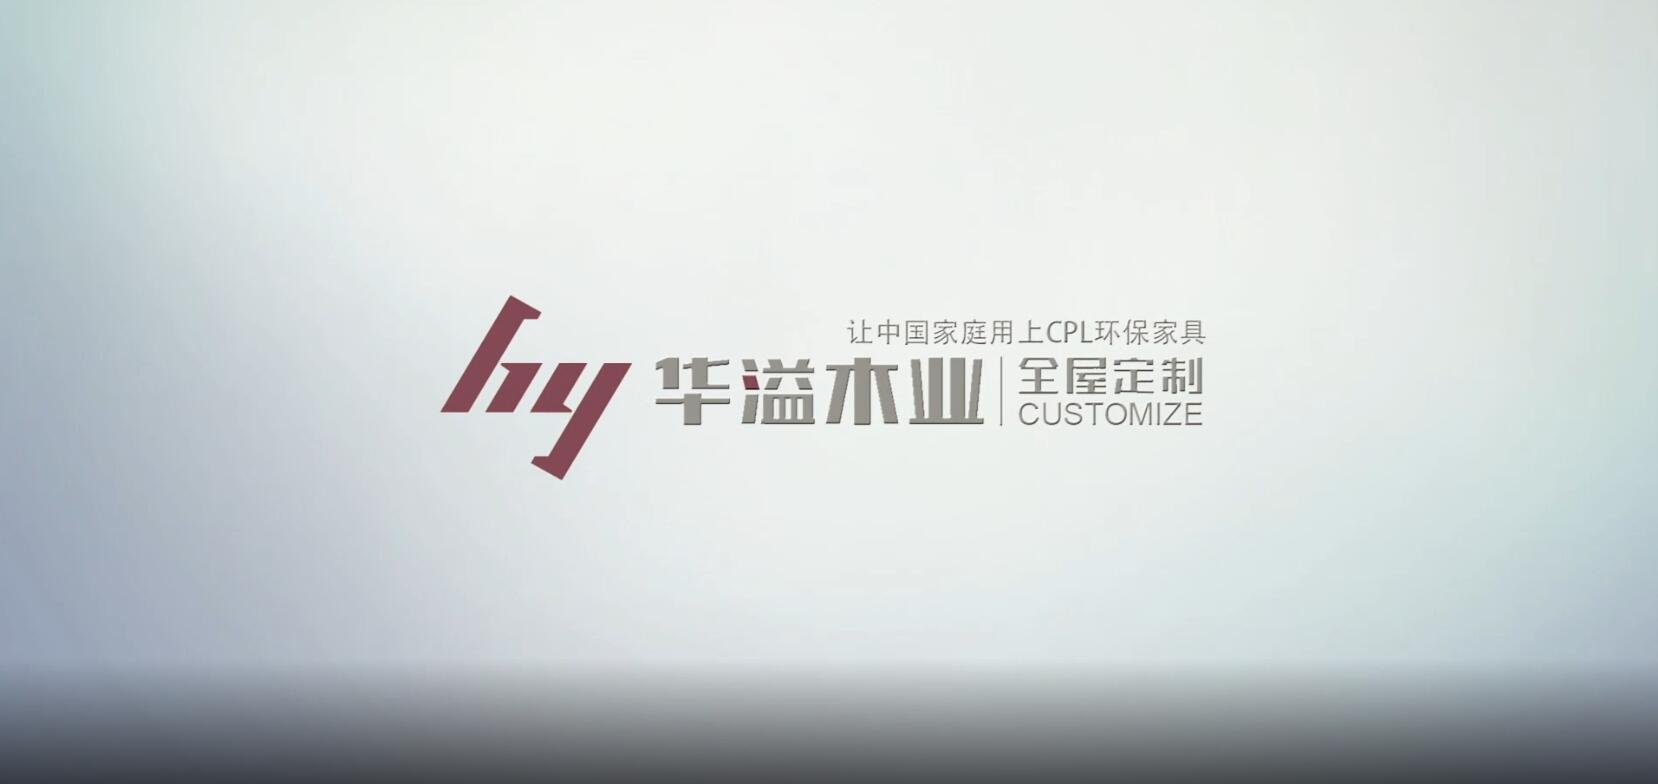 展厅宣传视频